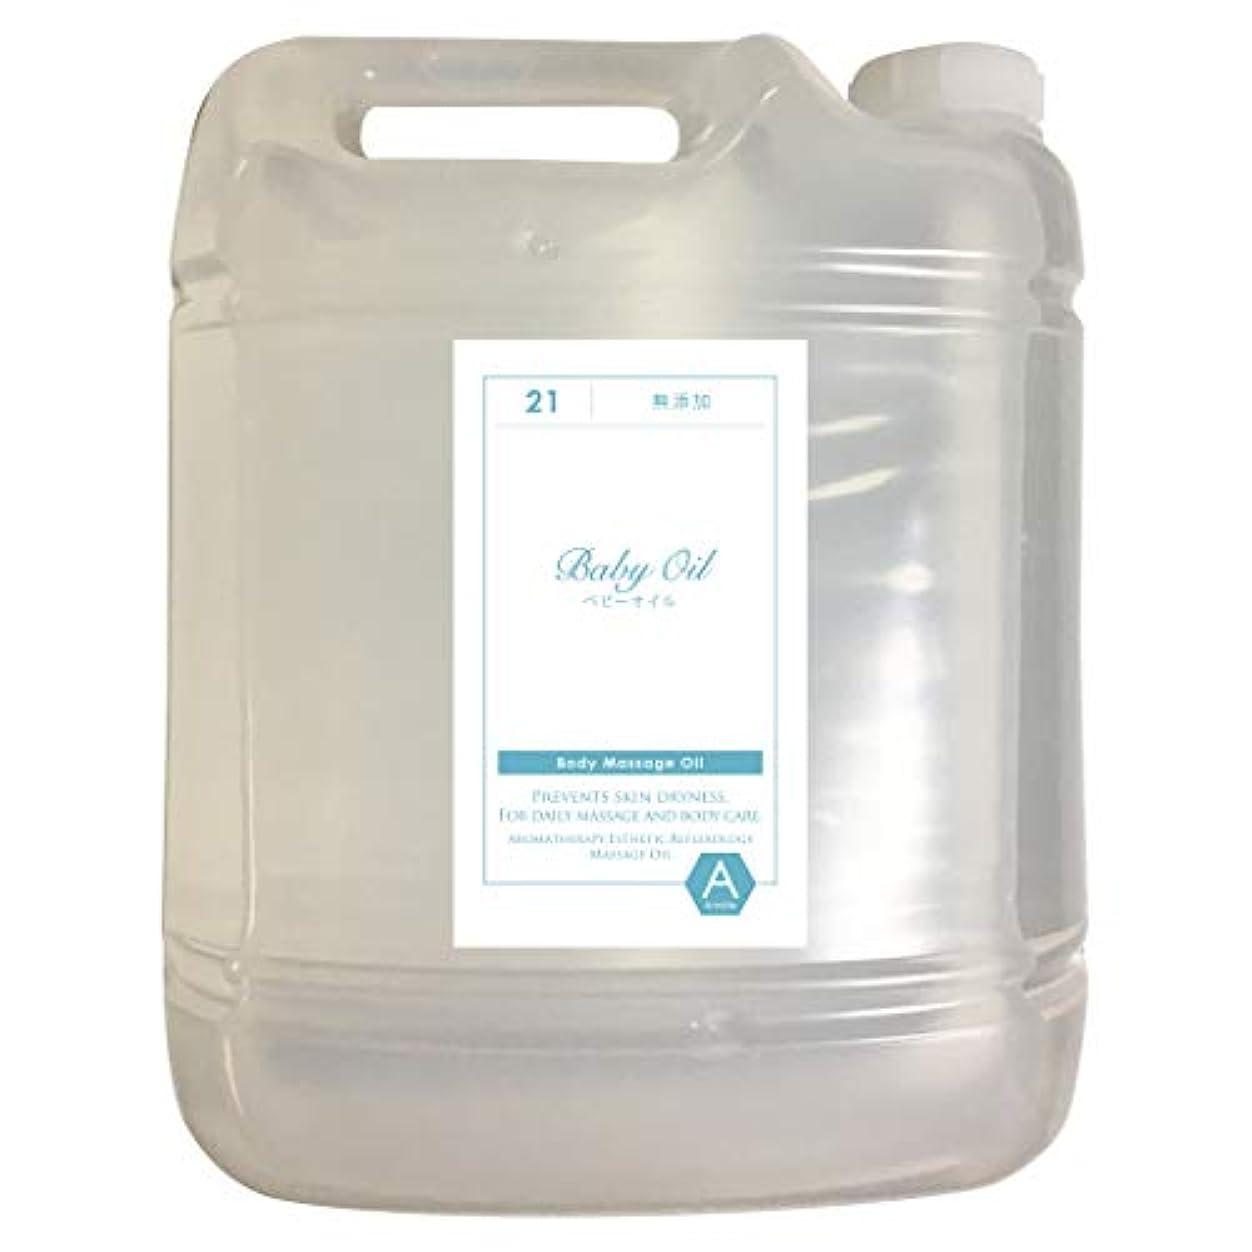 メダリスト微生物うねる無添加ベビーオイル(無香料)業務用サイズマッサージオイル 5L